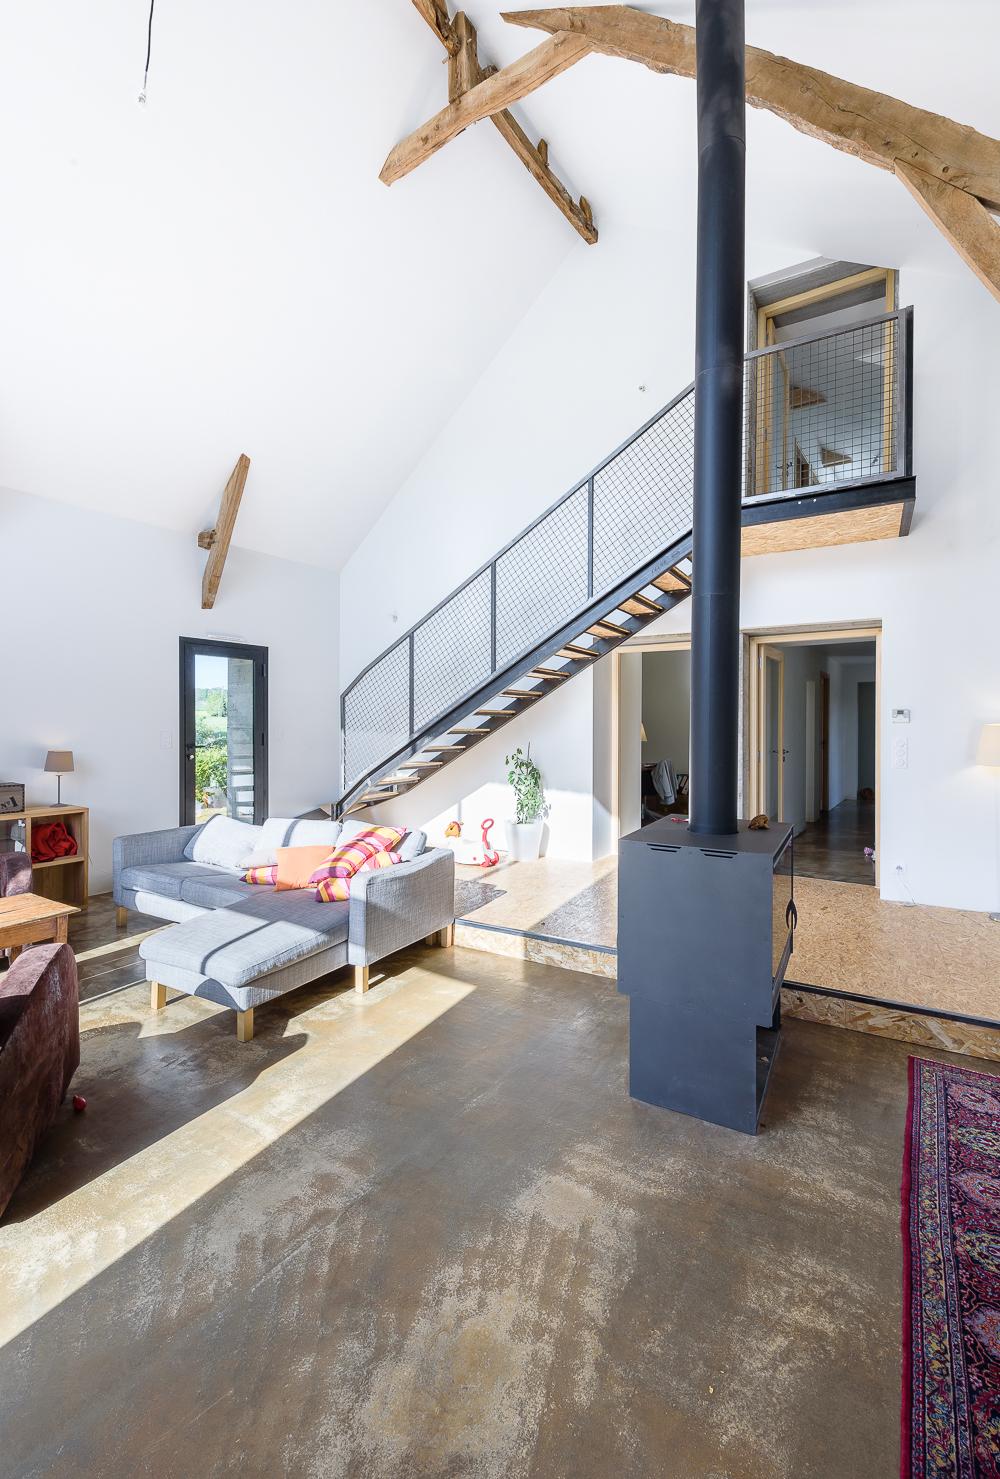 photographe d'architecture ©INTERVALphoto : TANGUY Mickaël Architecte, réhabilitation maison, visites